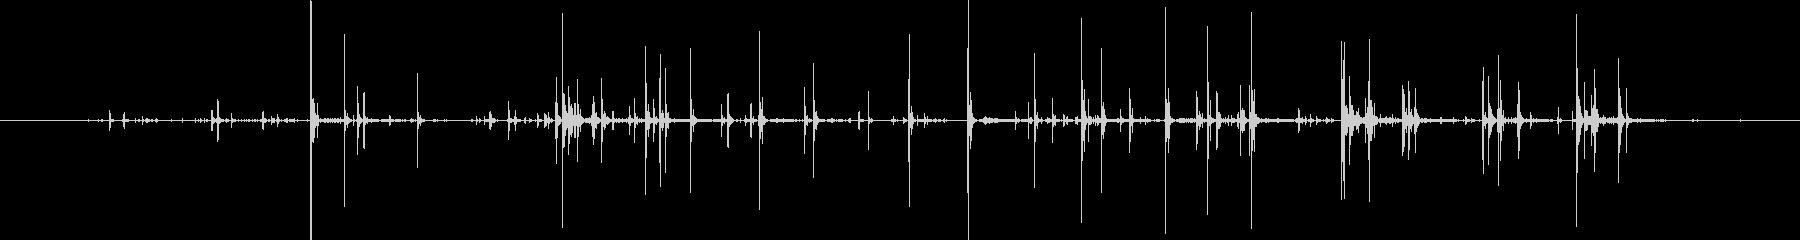 ニンジントップス:リッピングクラン...の未再生の波形